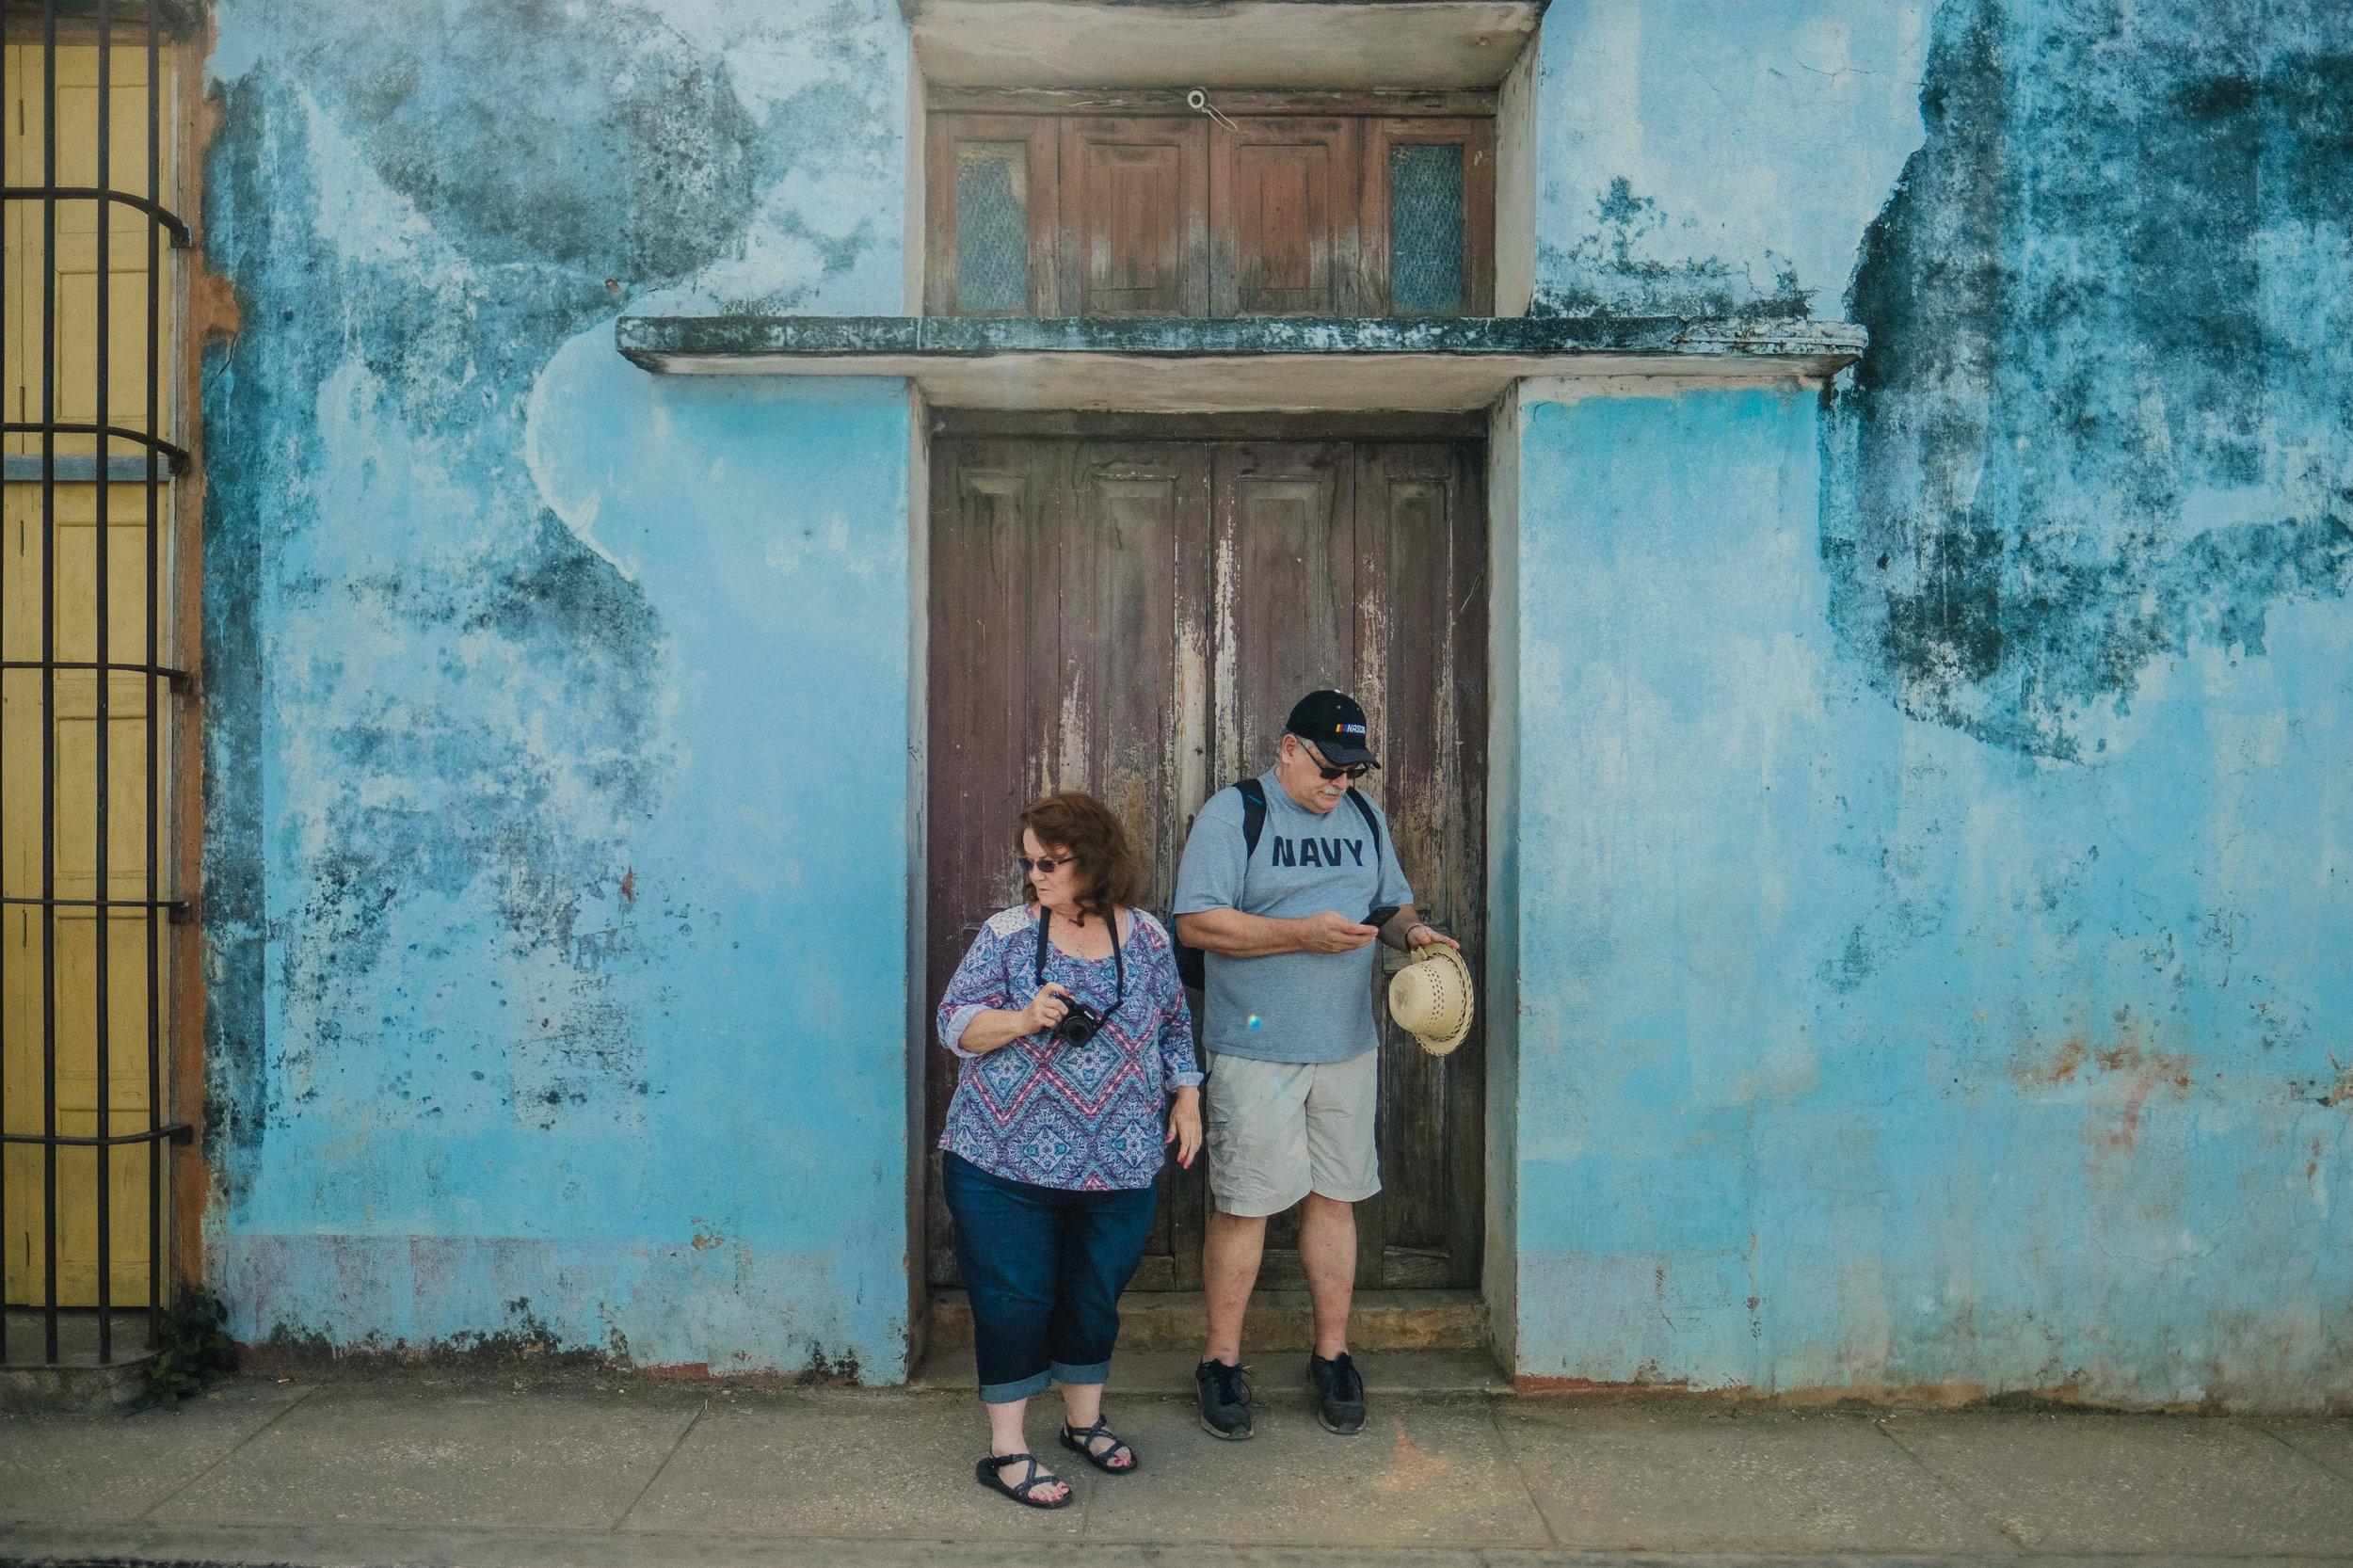 Cuba2019-402.jpg